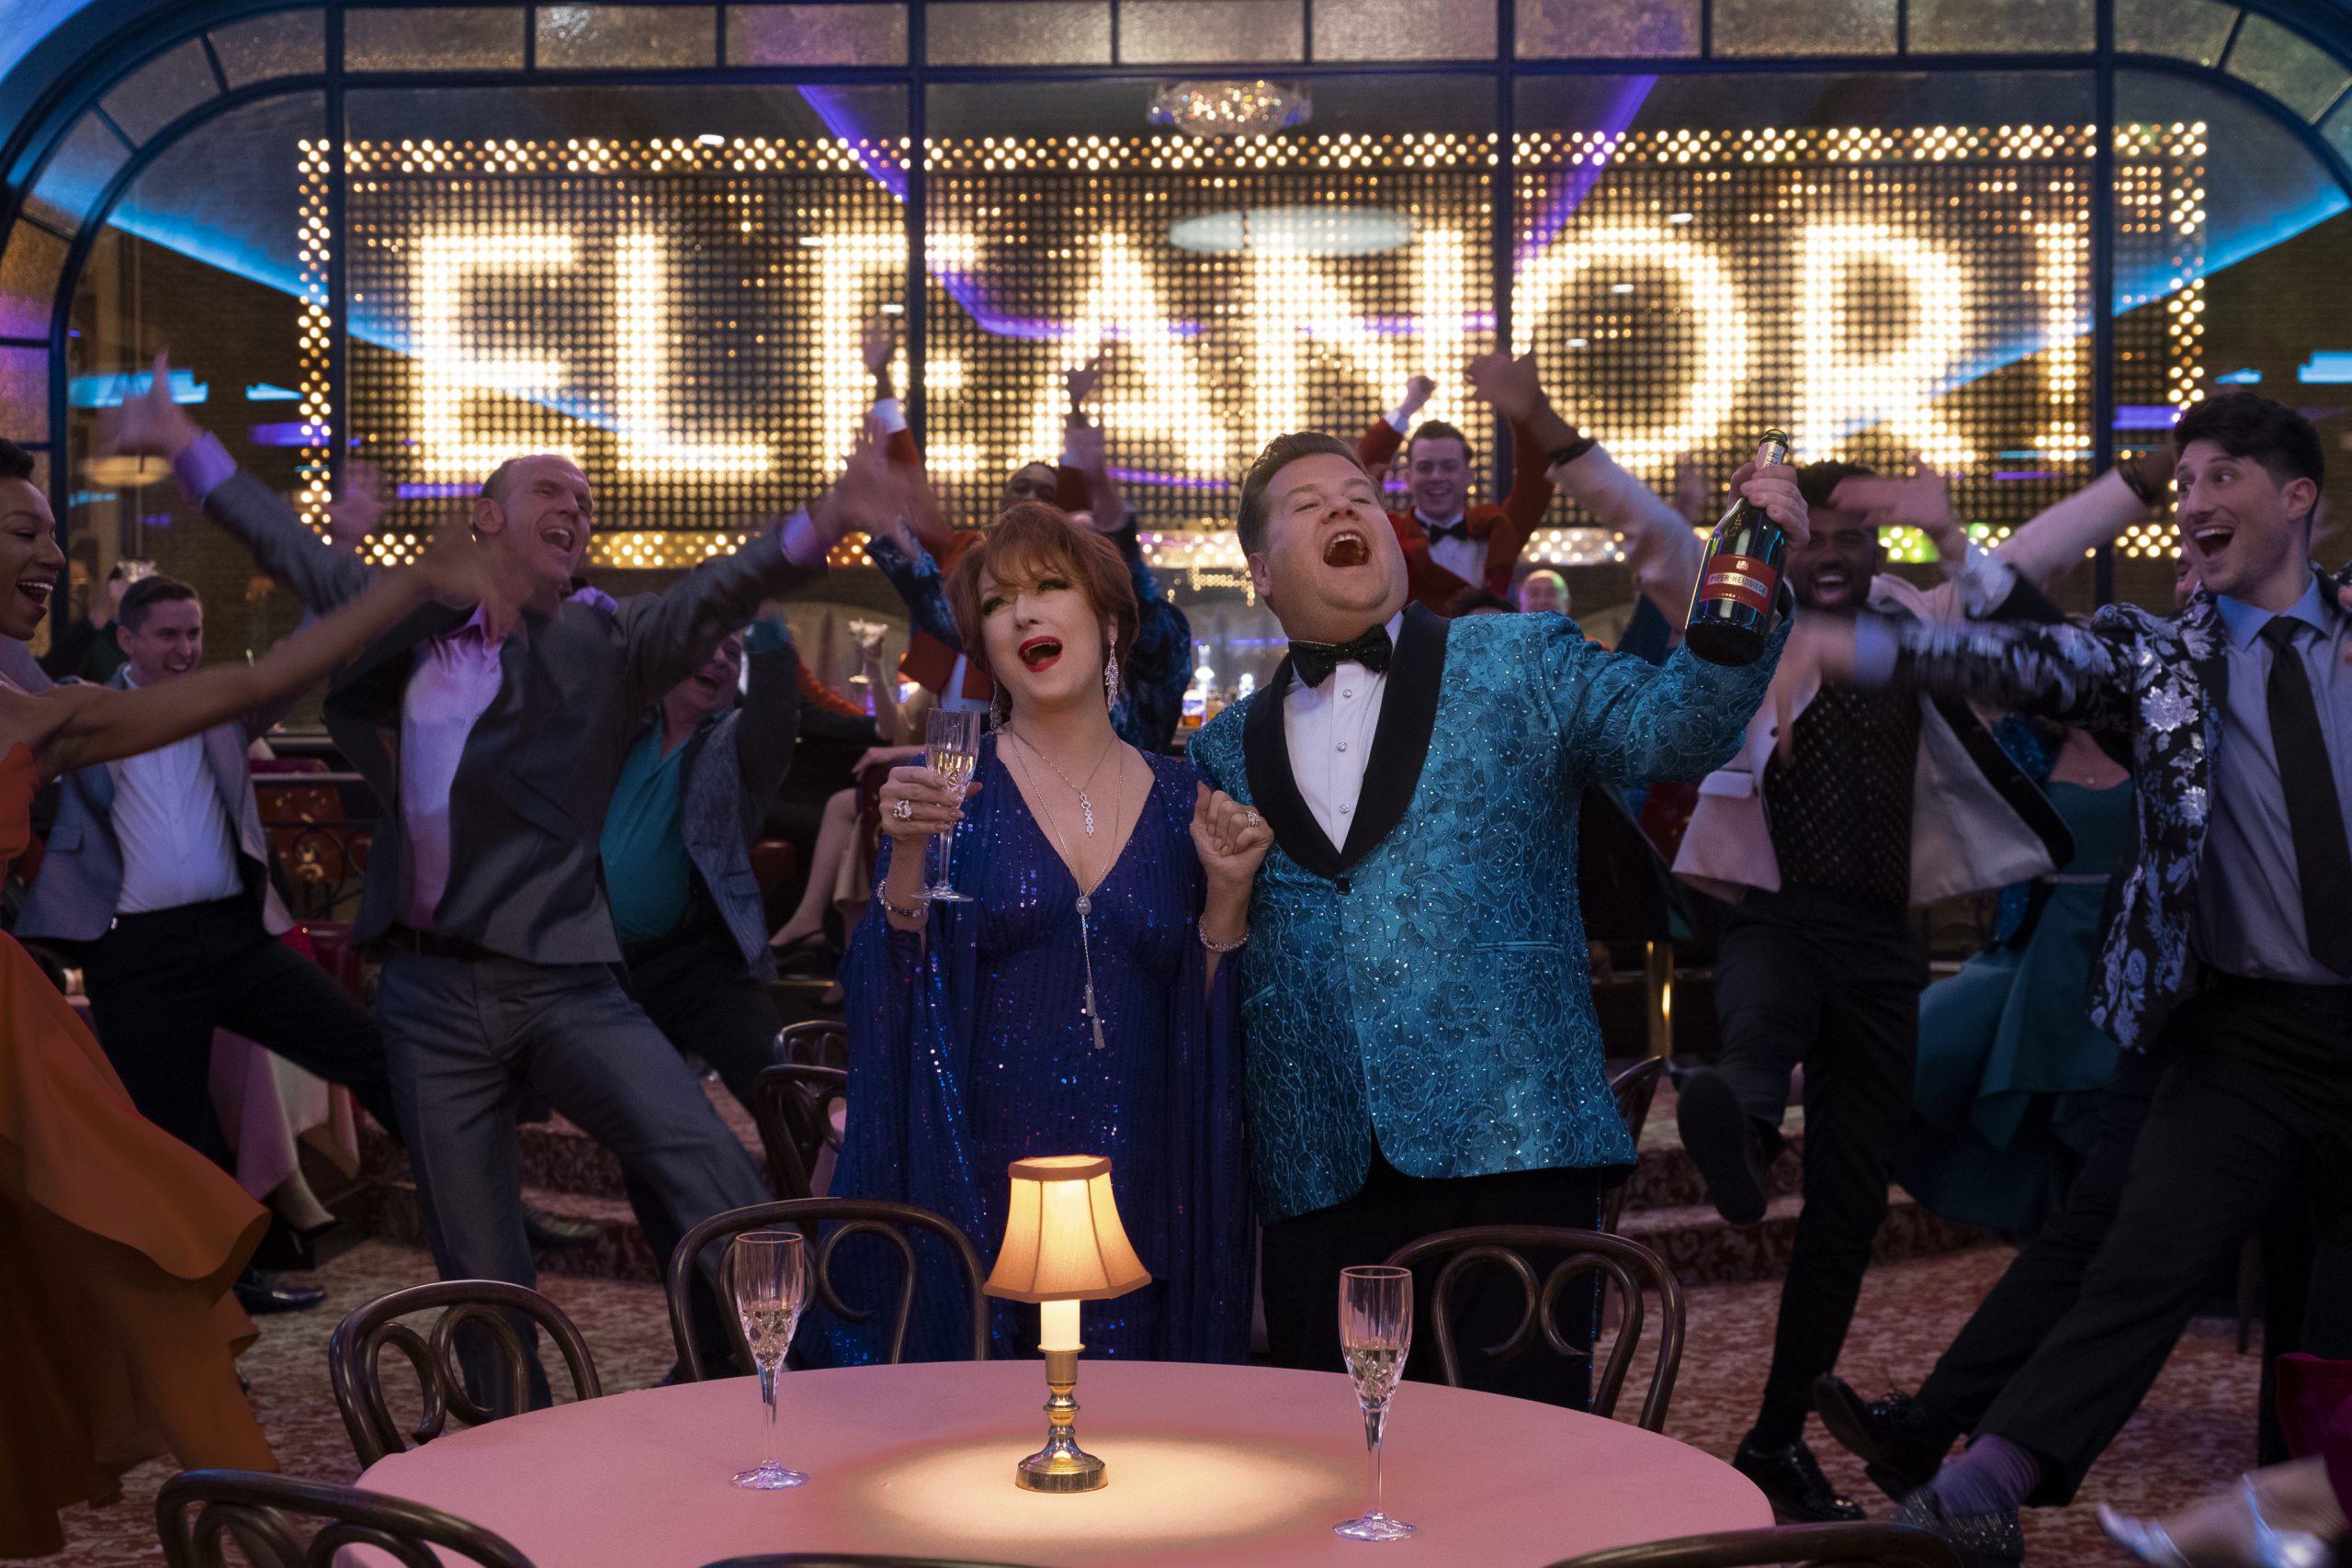 Checa el tráiler de 'The Prom', el musical de Netflix con Meryl Streep y Nicole Kidman